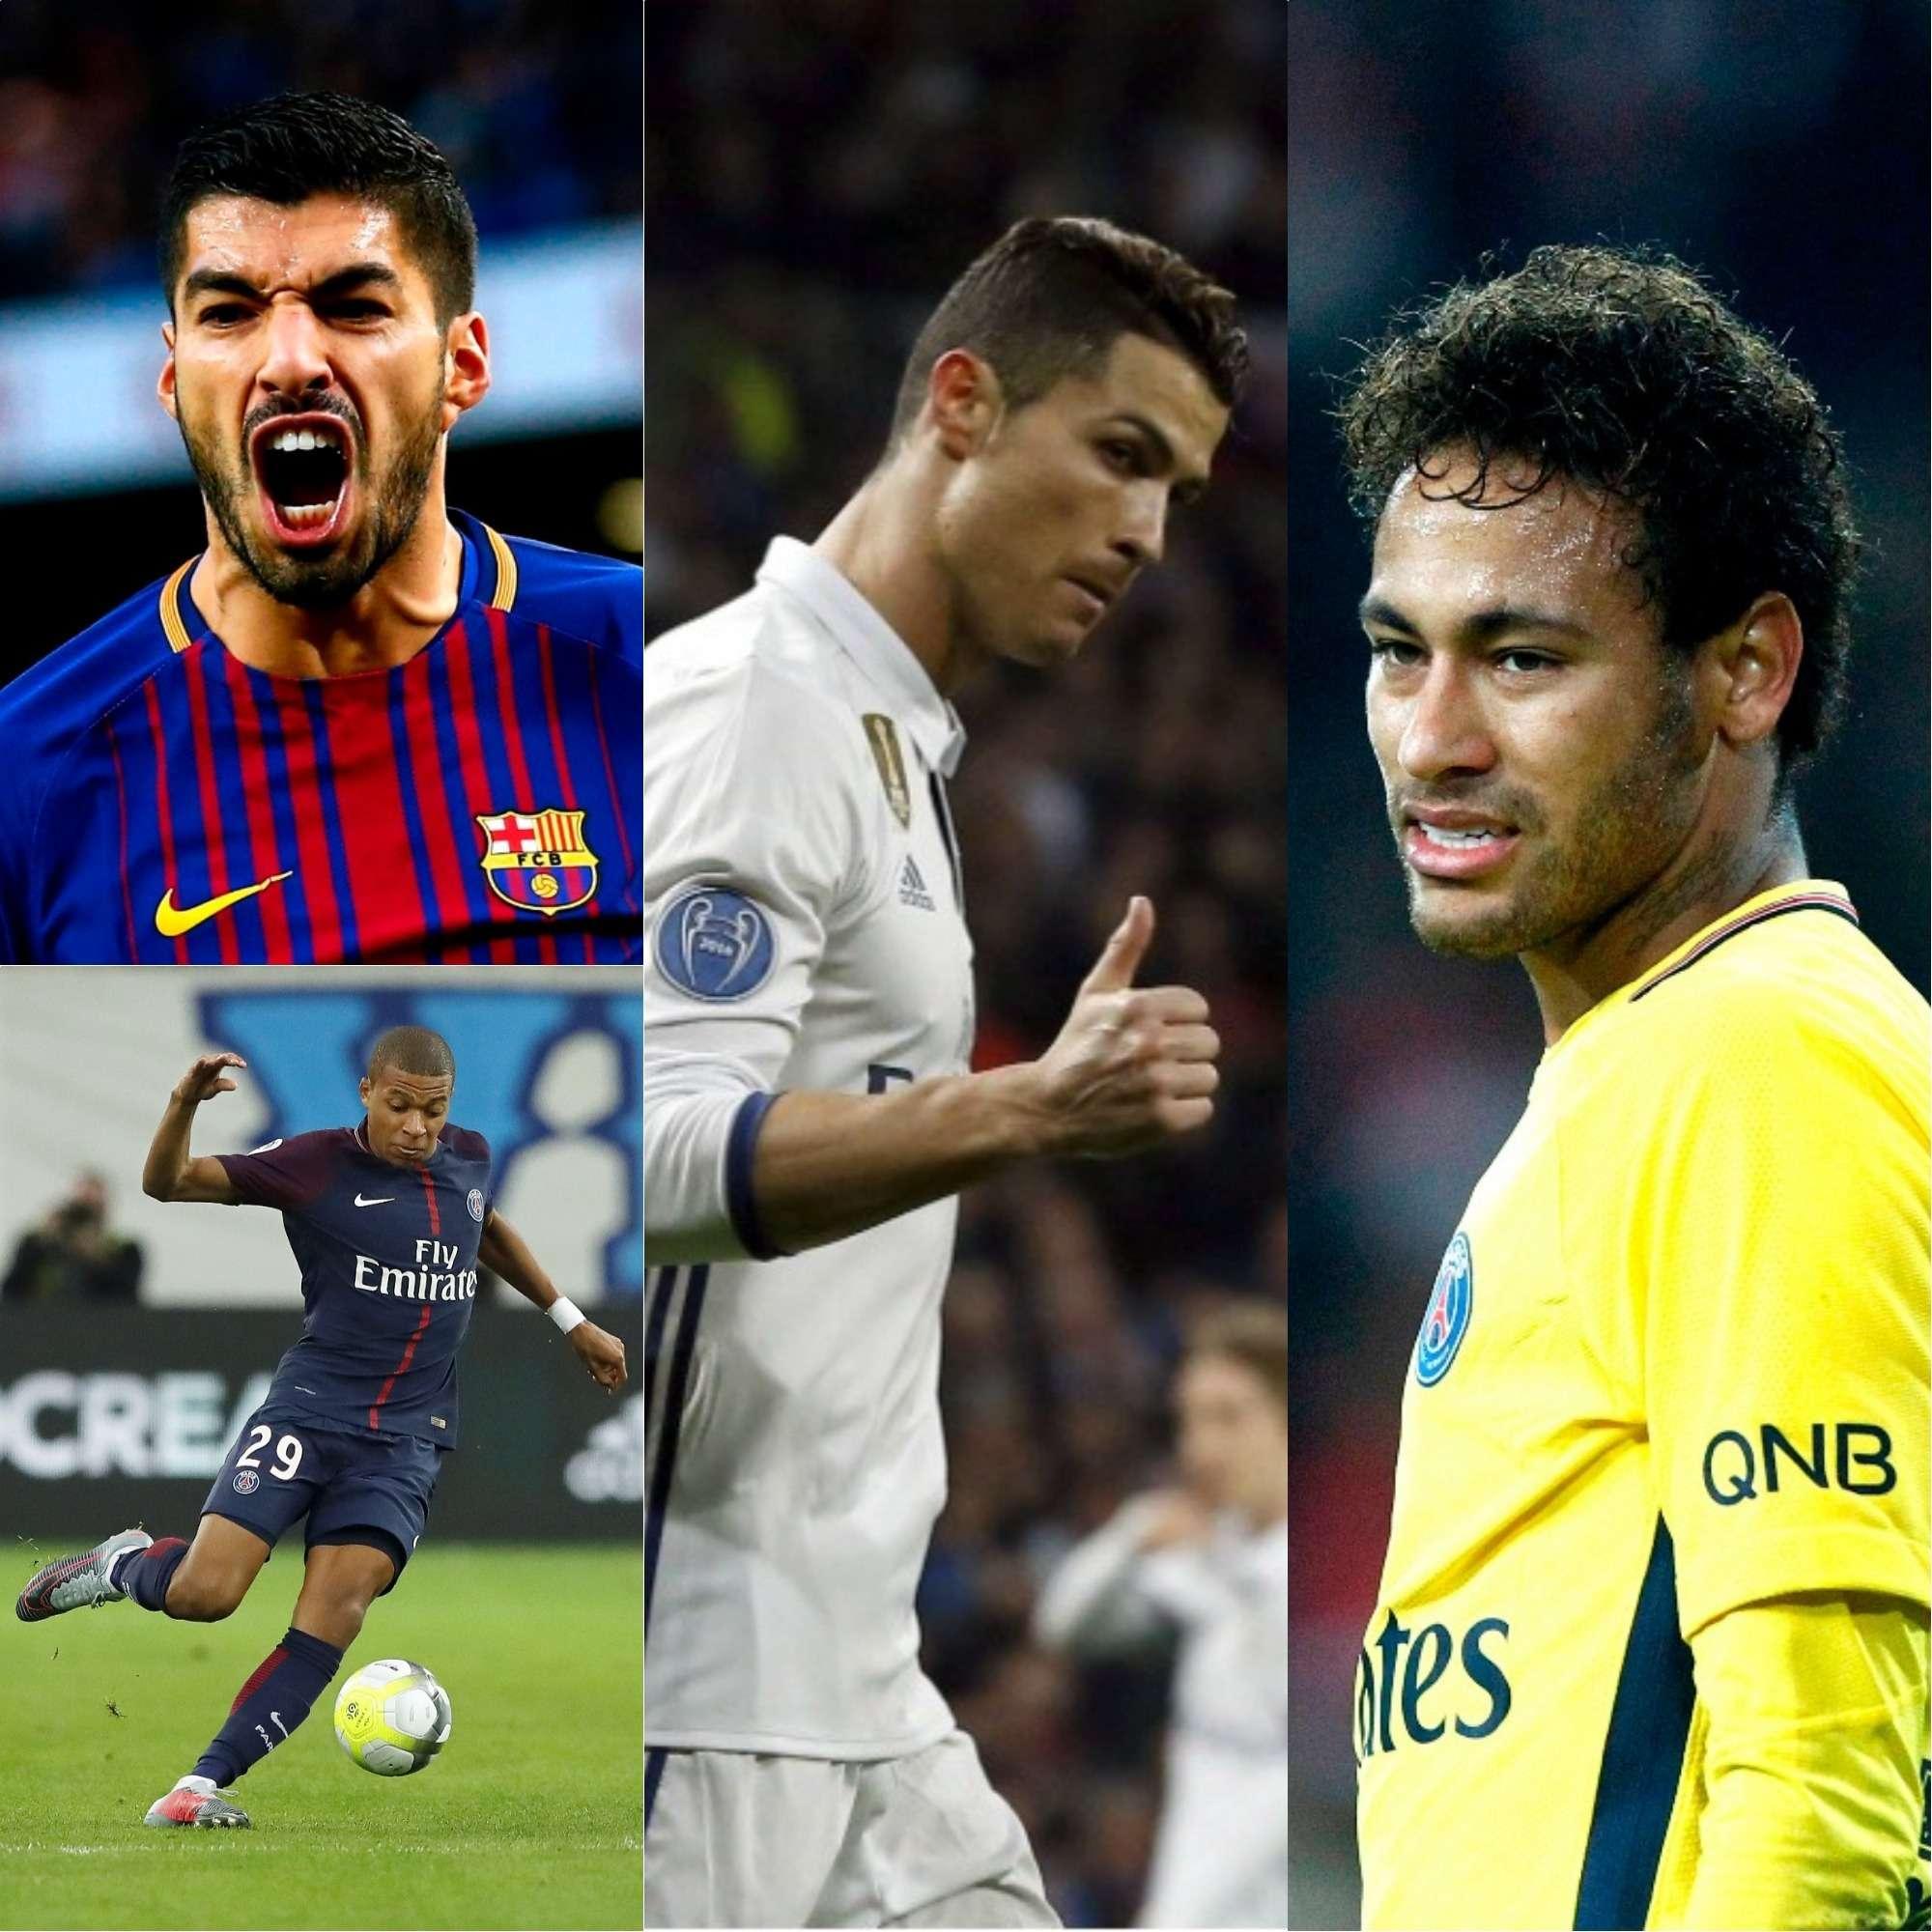 Según Messi, muchos jugadores pueden ganar el Balón de Oro. Foto: EFE